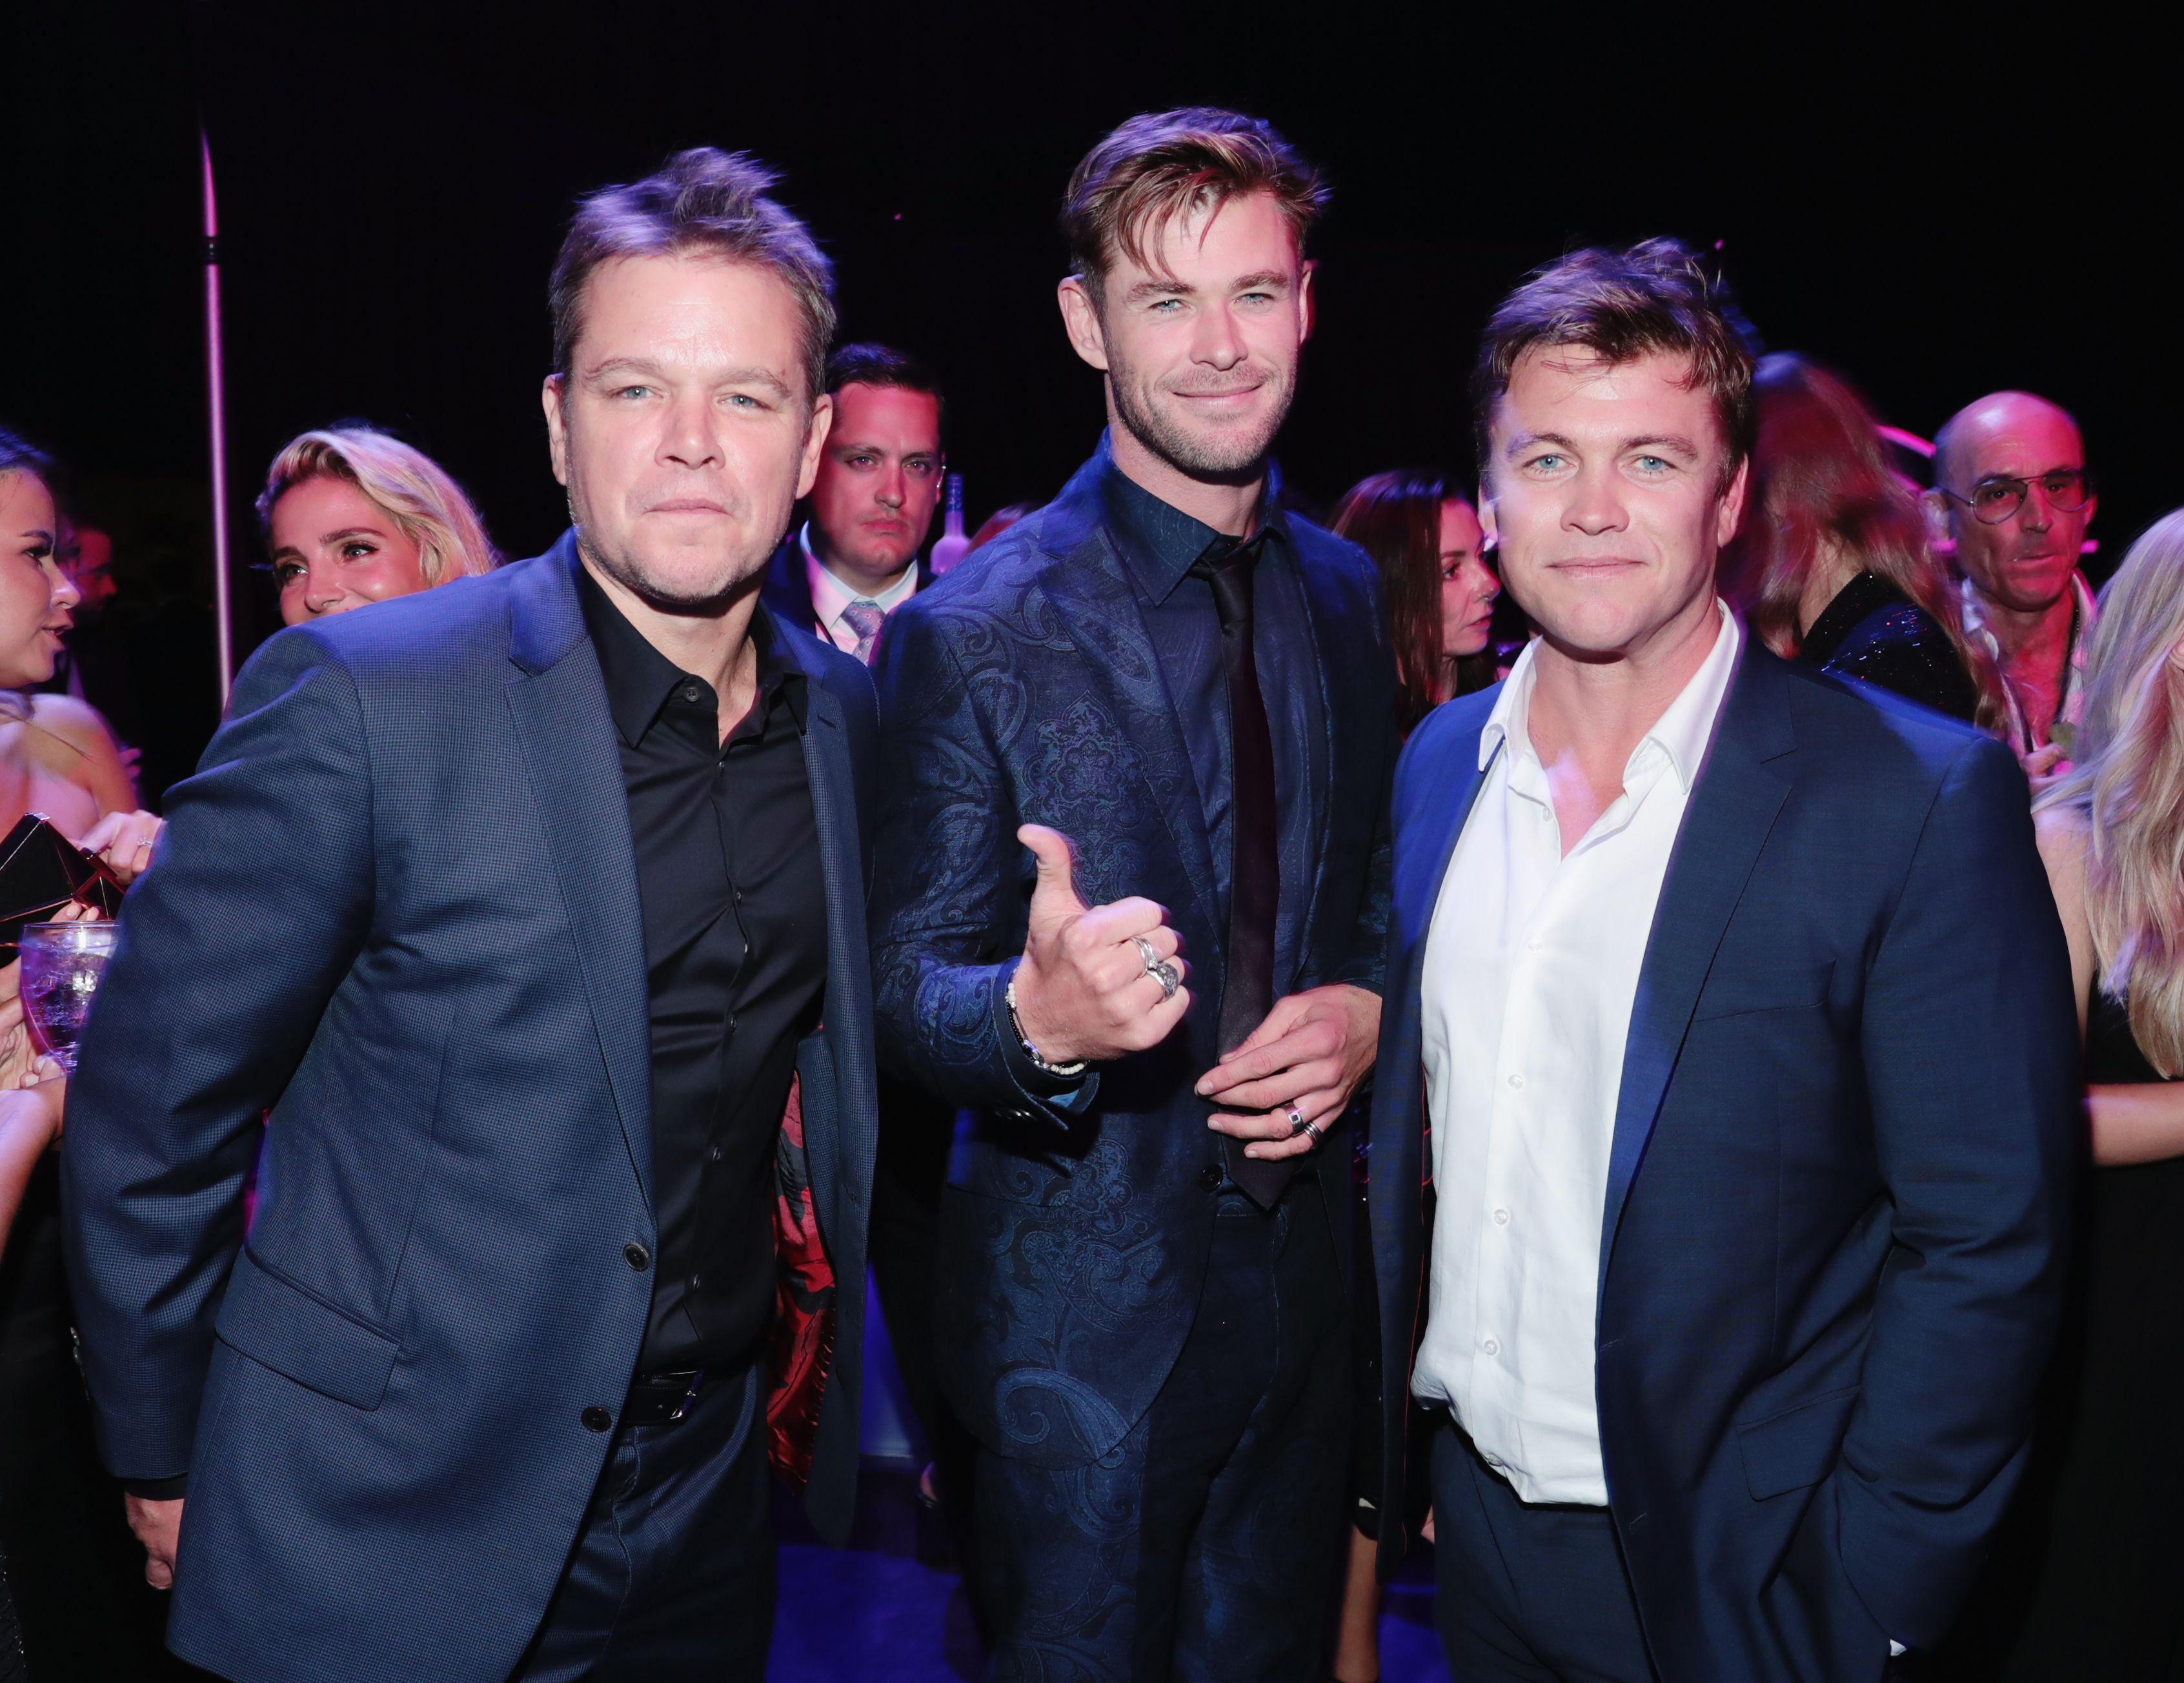 Chris Hemsworth and Luke Hemsworth with Matt Damon